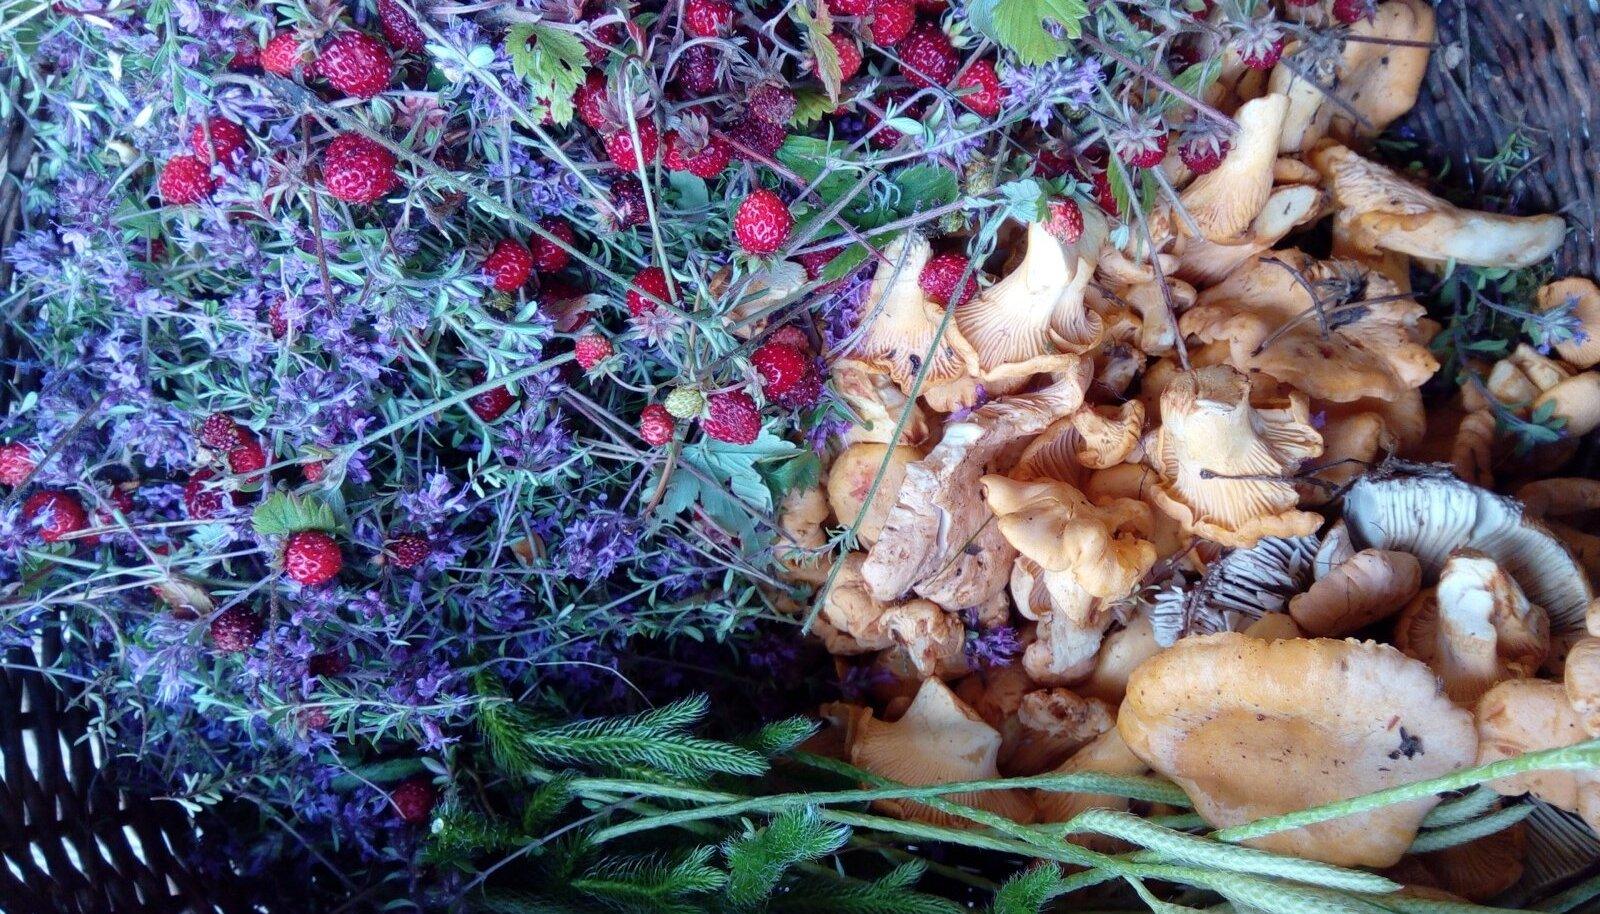 Kuigi tänavu sai kukeseeni Lõuna-Eestis korjata juba juuli alguses, pärast jaanipäeva saabunud vihmasid, on see rõõm üürikeseks jäänud. Kui aga sajud saabuvad, ei peaks seened tulemata jääma.